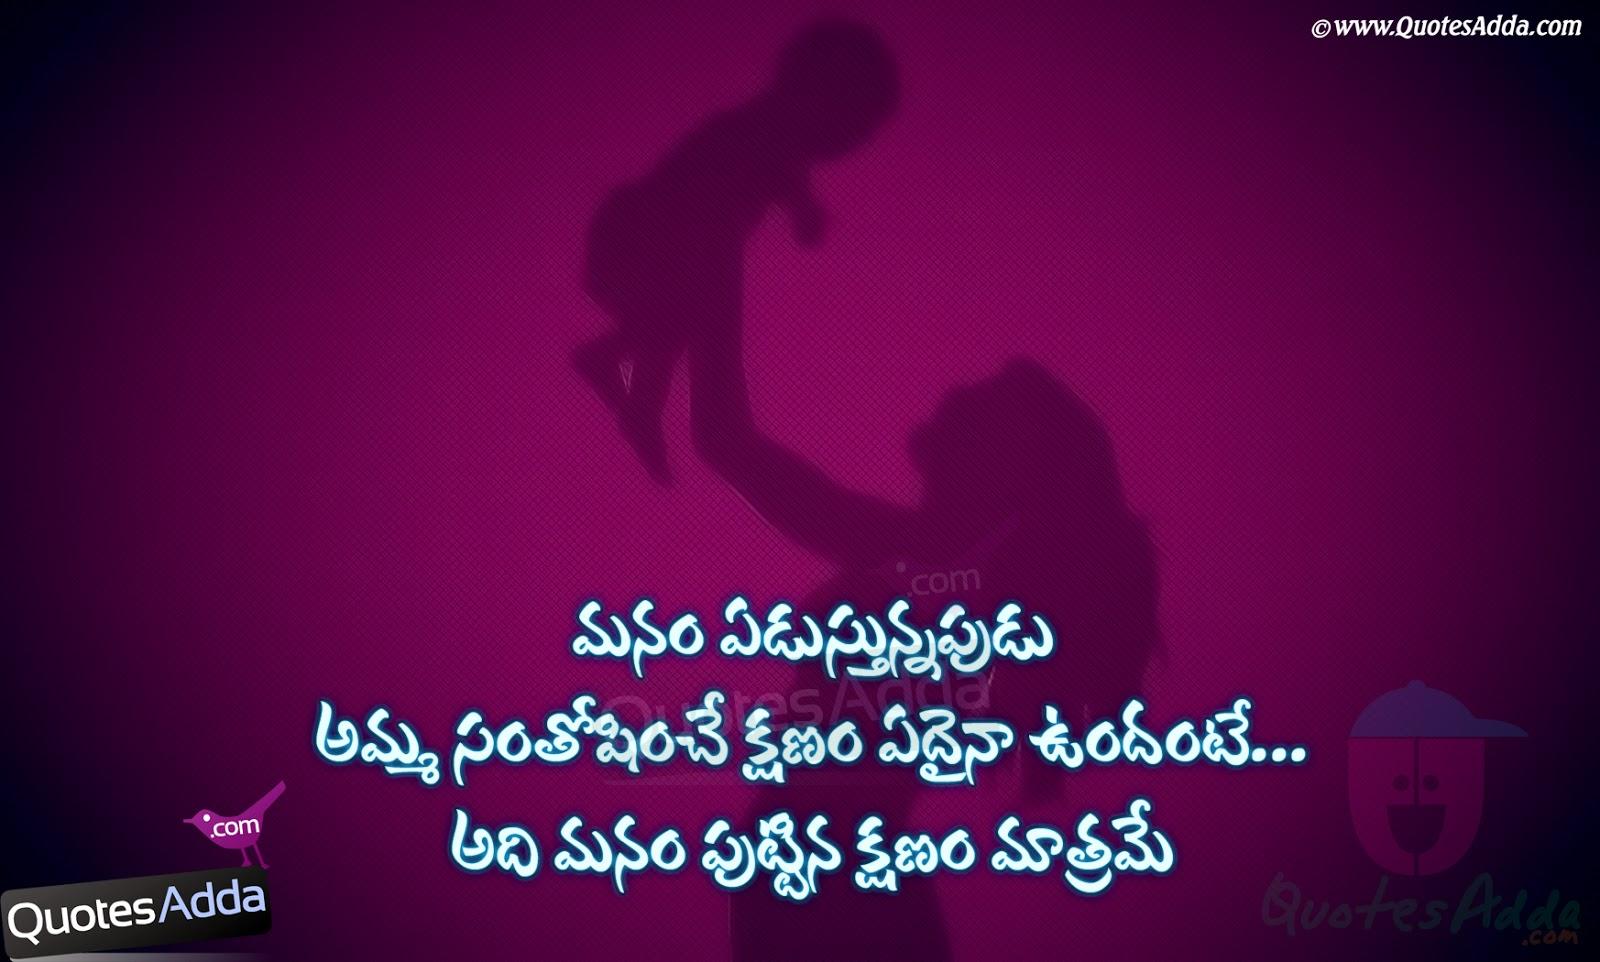 Telugu Movie Songs Lyrics Amma Patalu In Telugu Mother Songs In